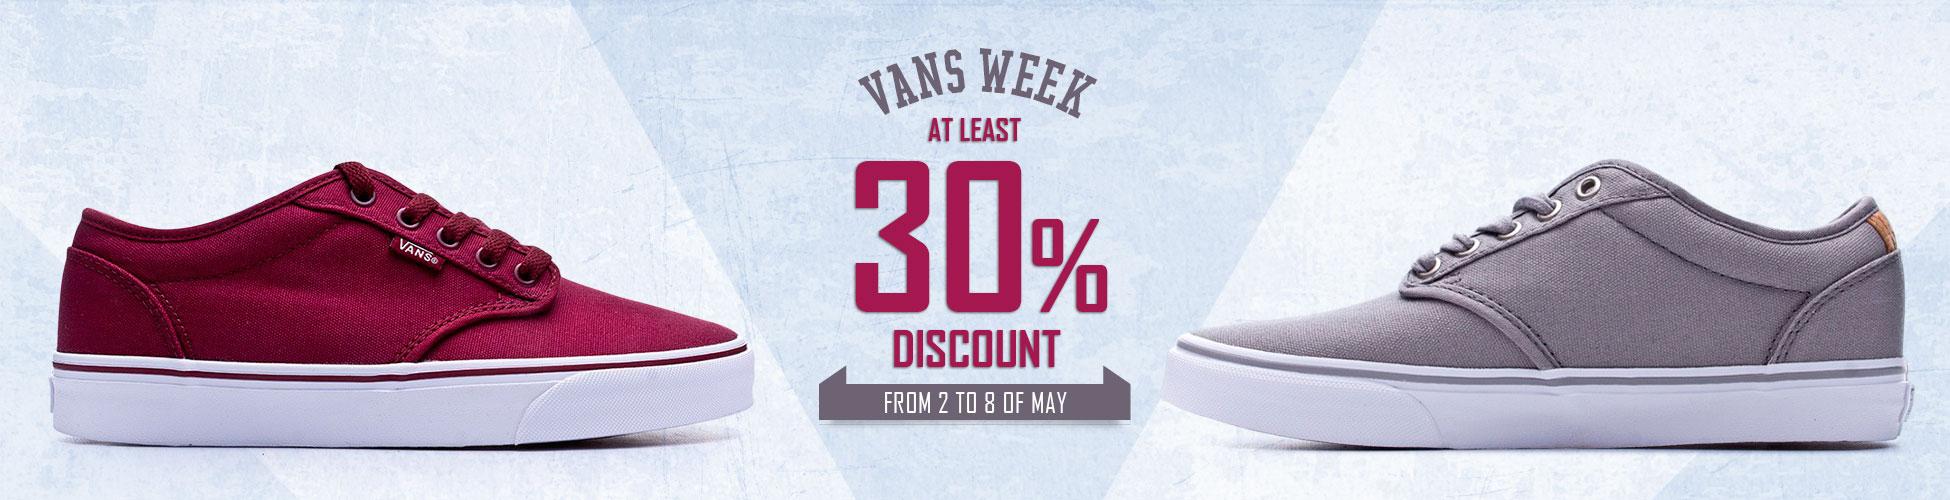 Vans Week